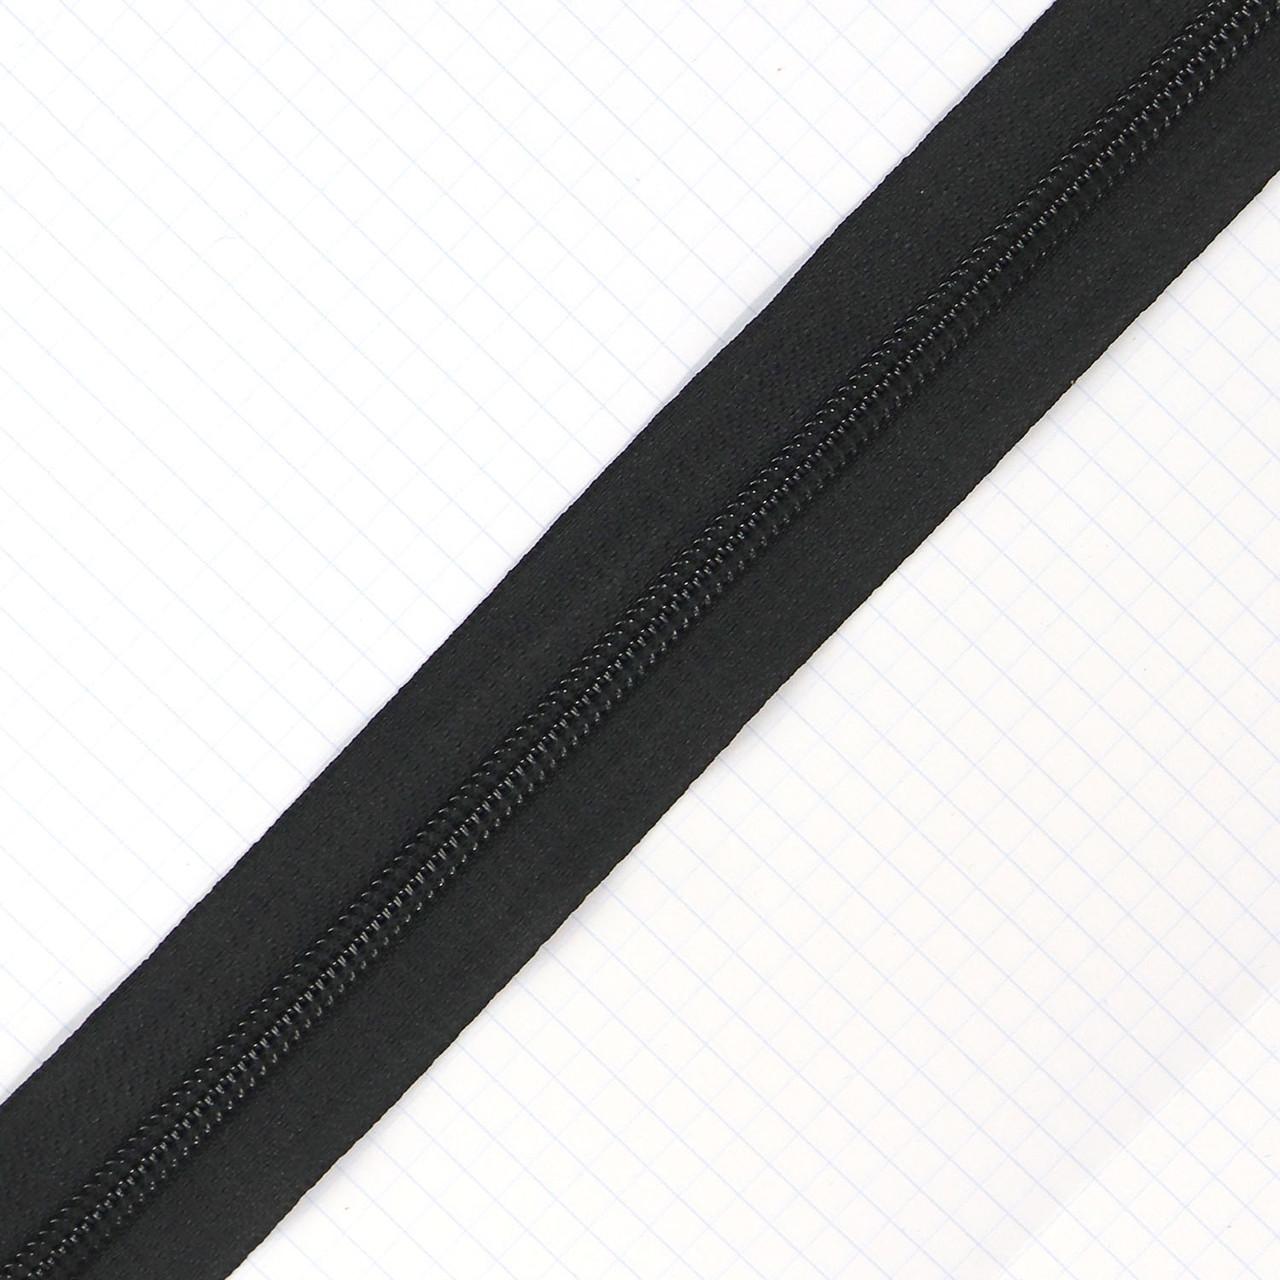 Молния спиральная тип 5 чёрная для сумок a1115 (20 м.)